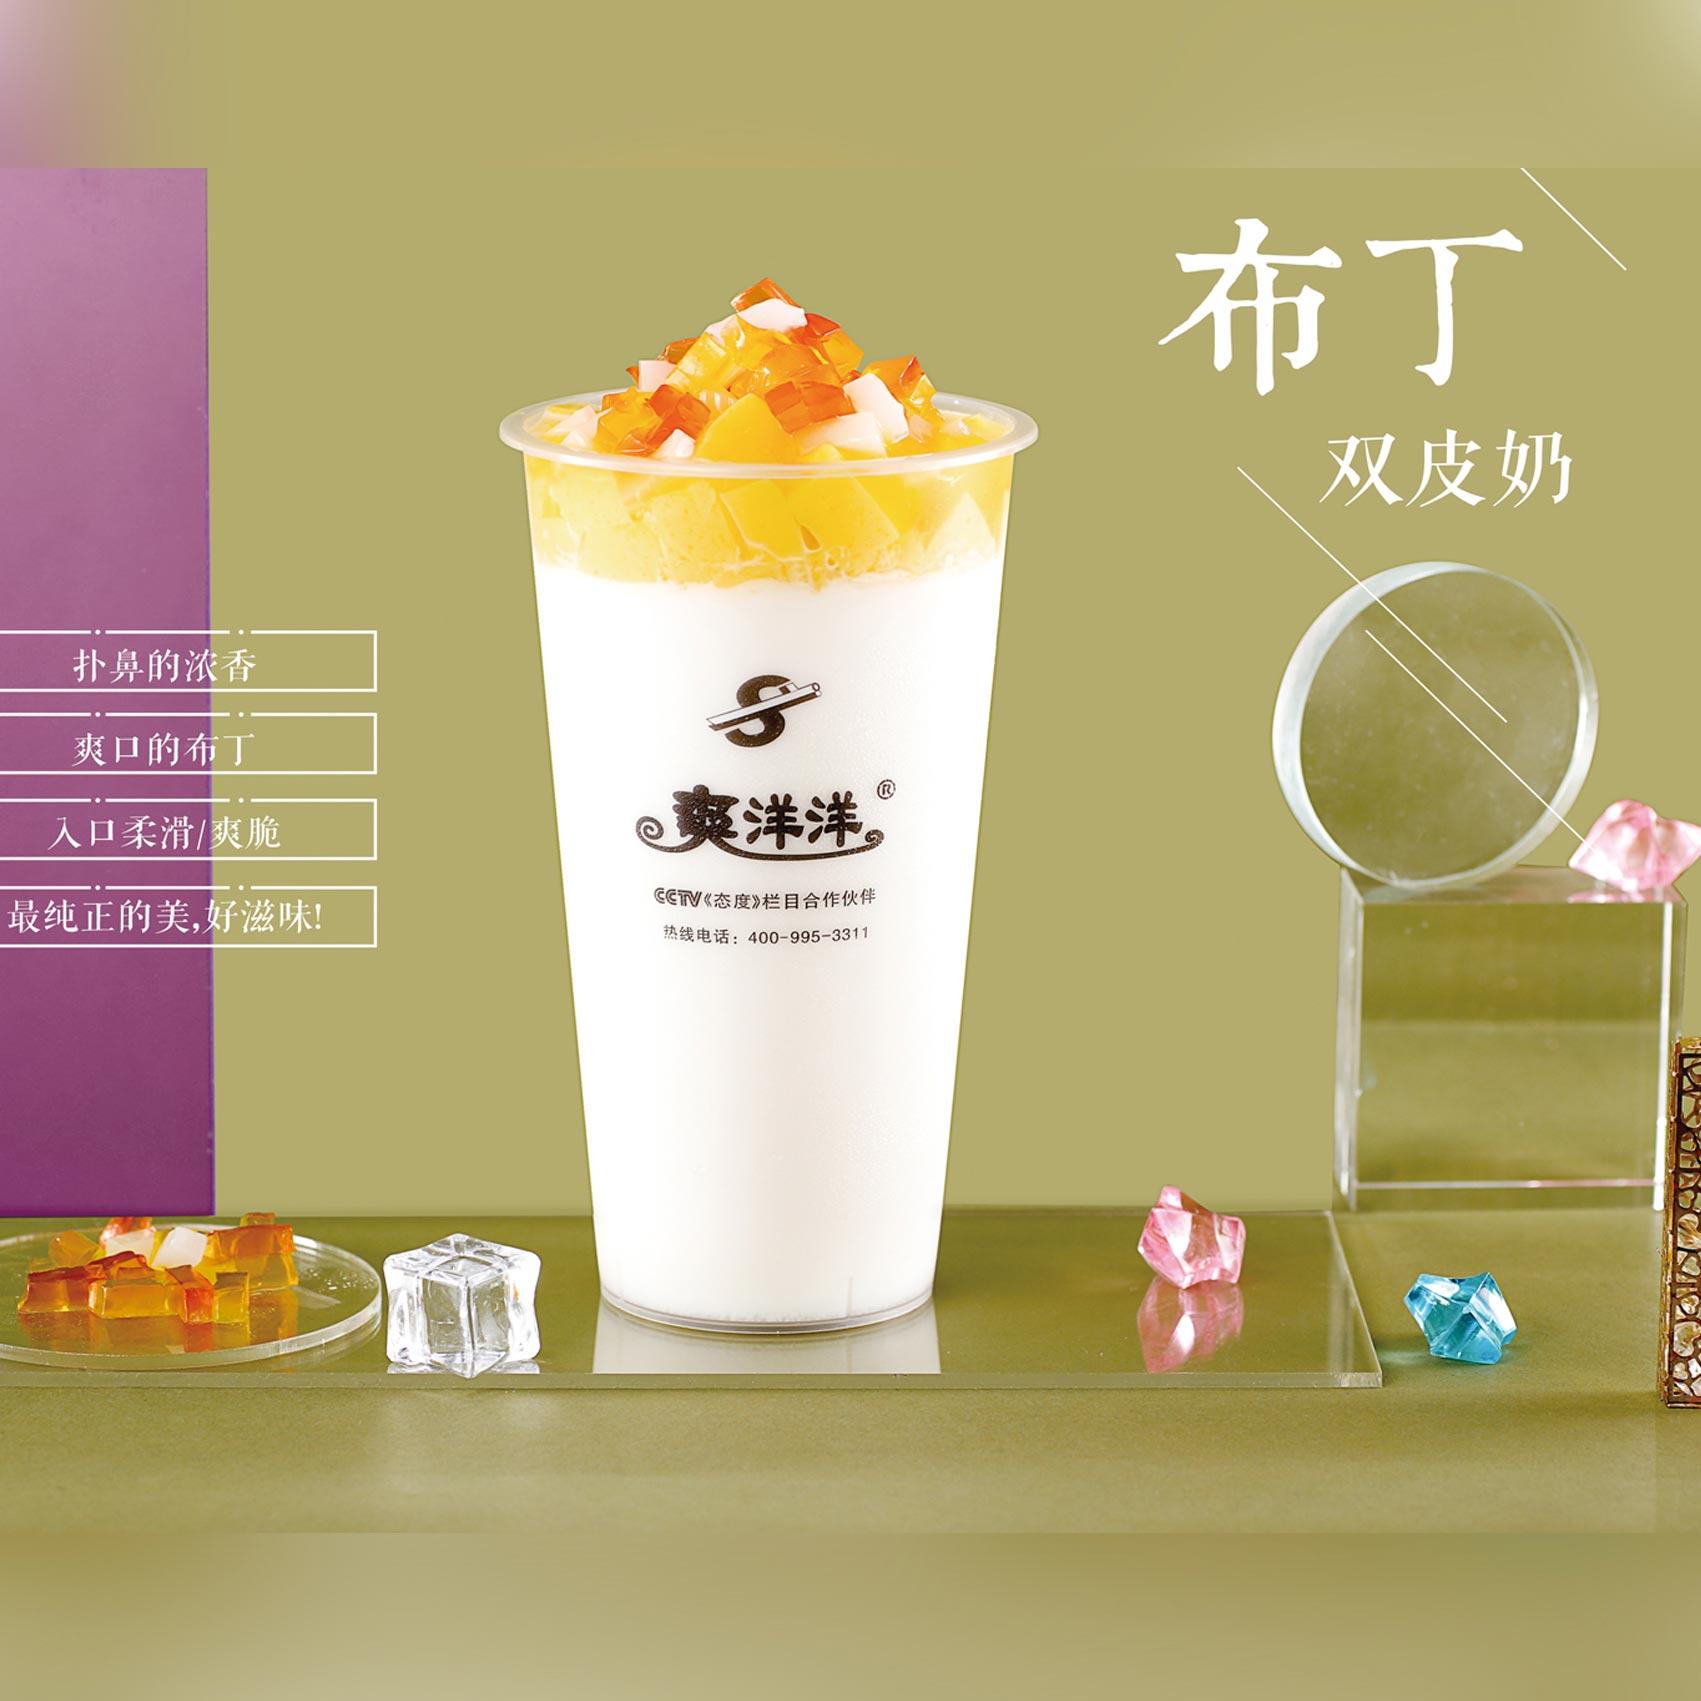 开奶茶店具体流程步骤是怎样的?